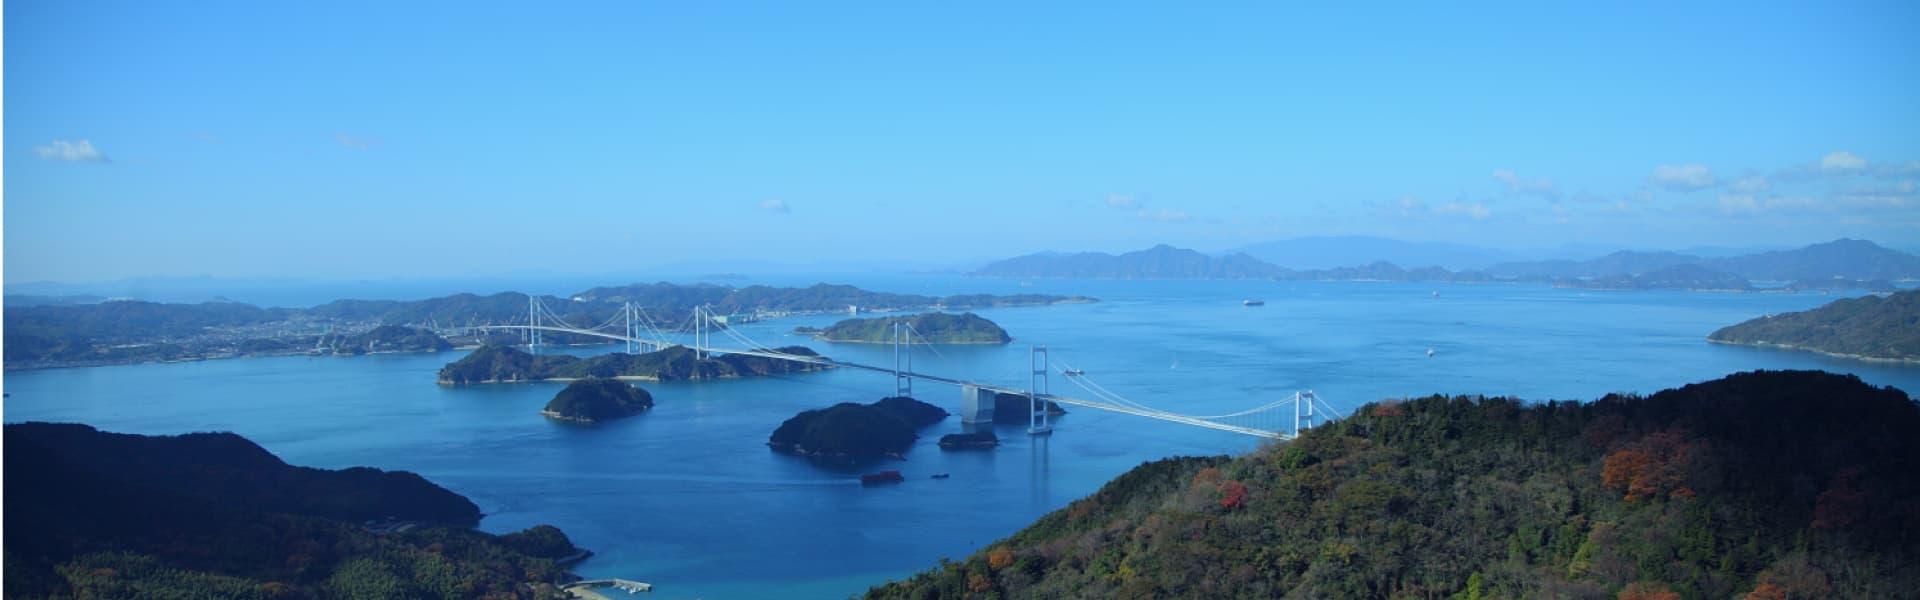 【廣島~松山 瀨戶內・松山周遊路線】番外篇 廣島~松山之旅 盡情遊玩廣島的觀光名所及瀨戶內海的同時,航路公路、 任您選,輕鬆愉快地來觀光松山。